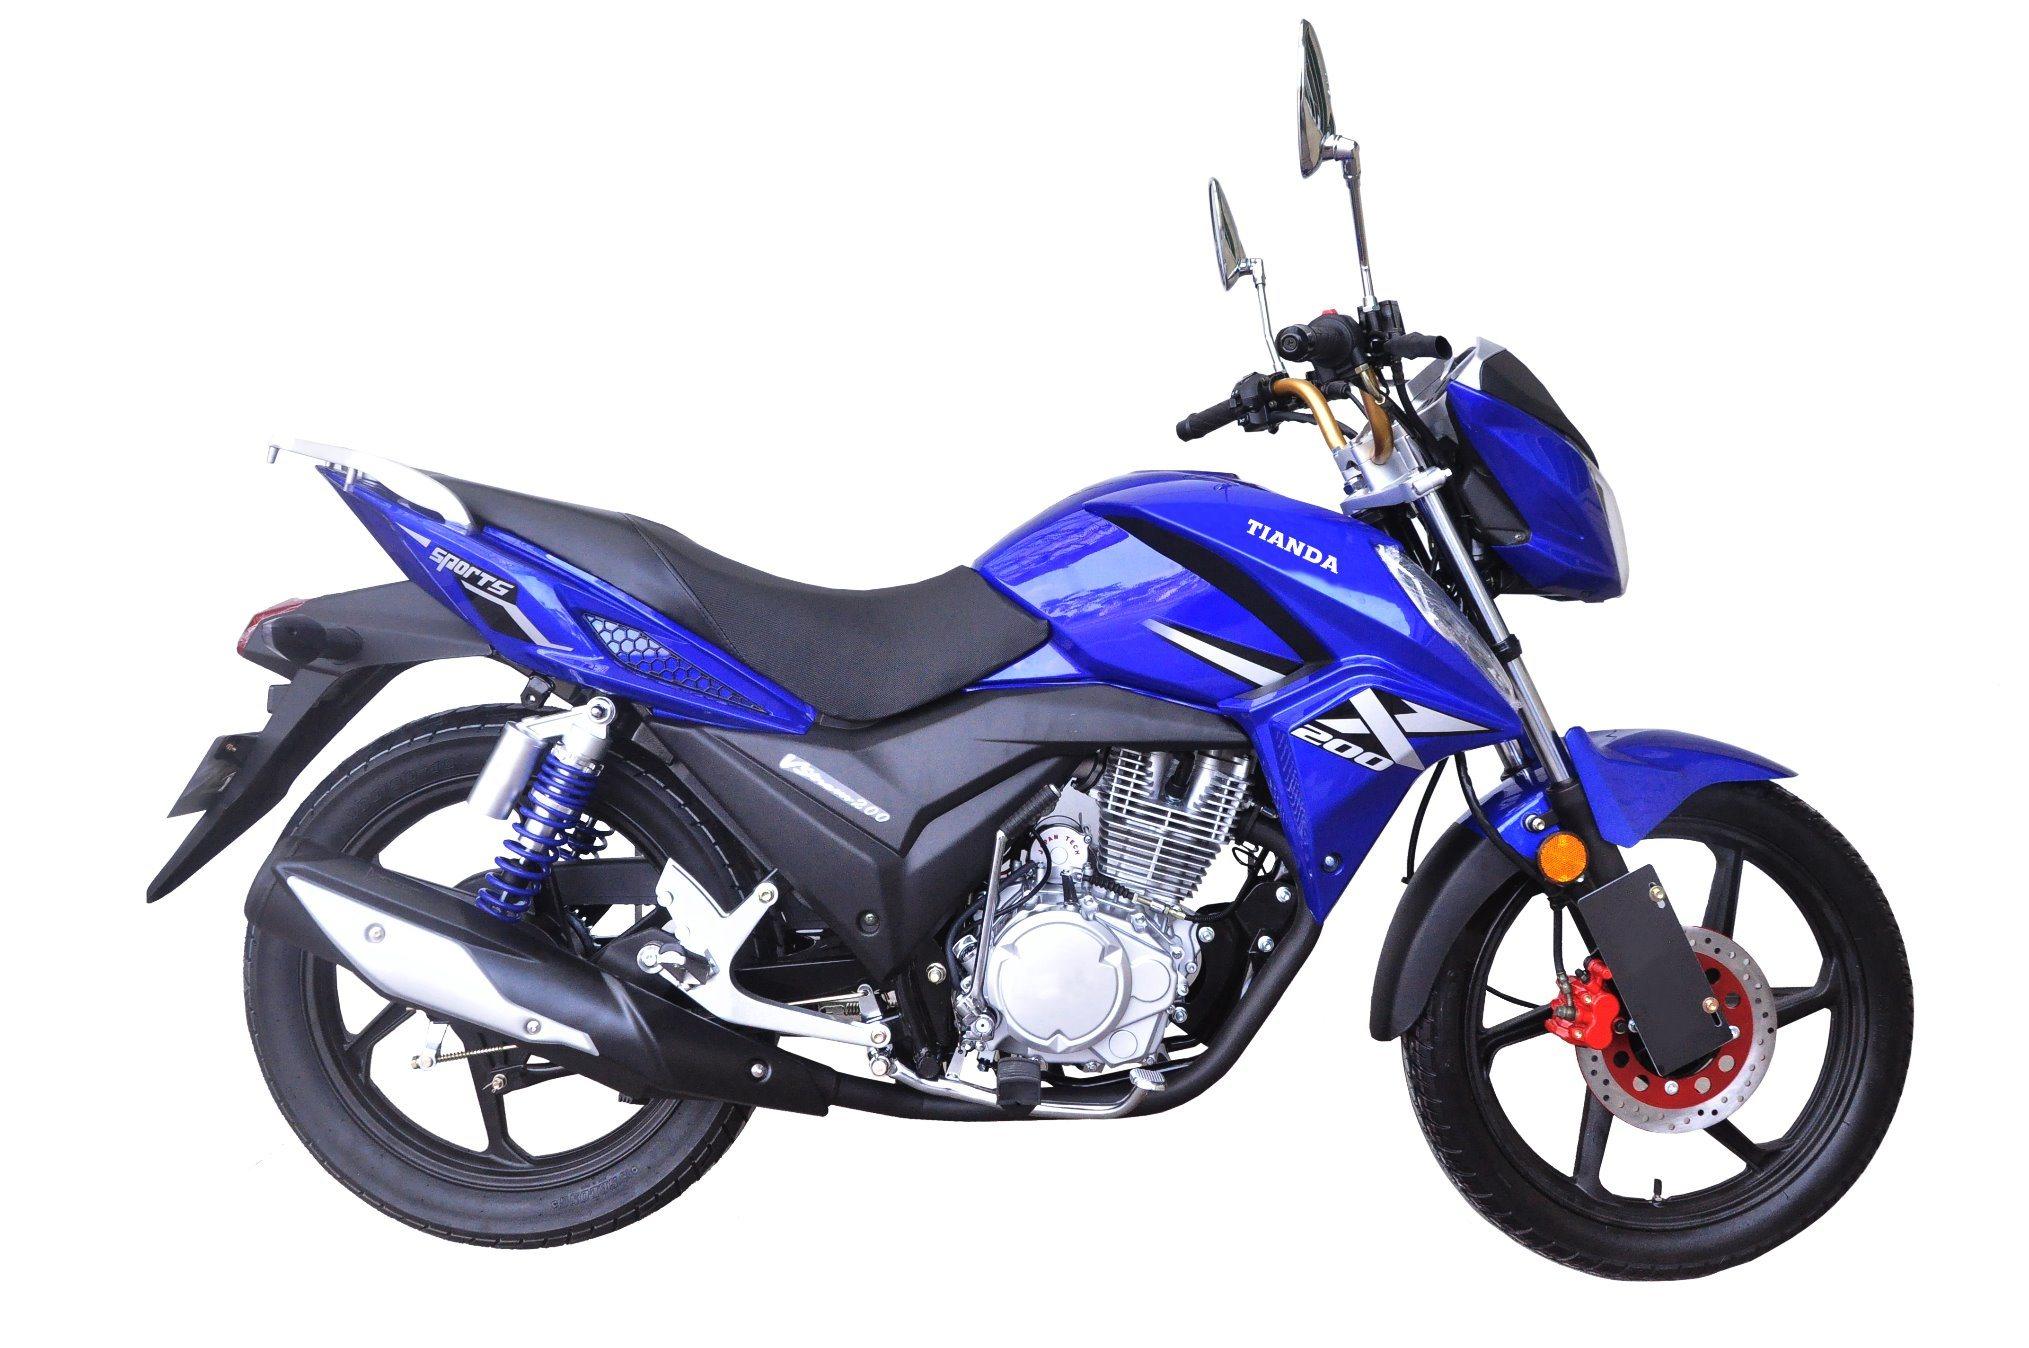 Hongda X150 Street Motorcycle